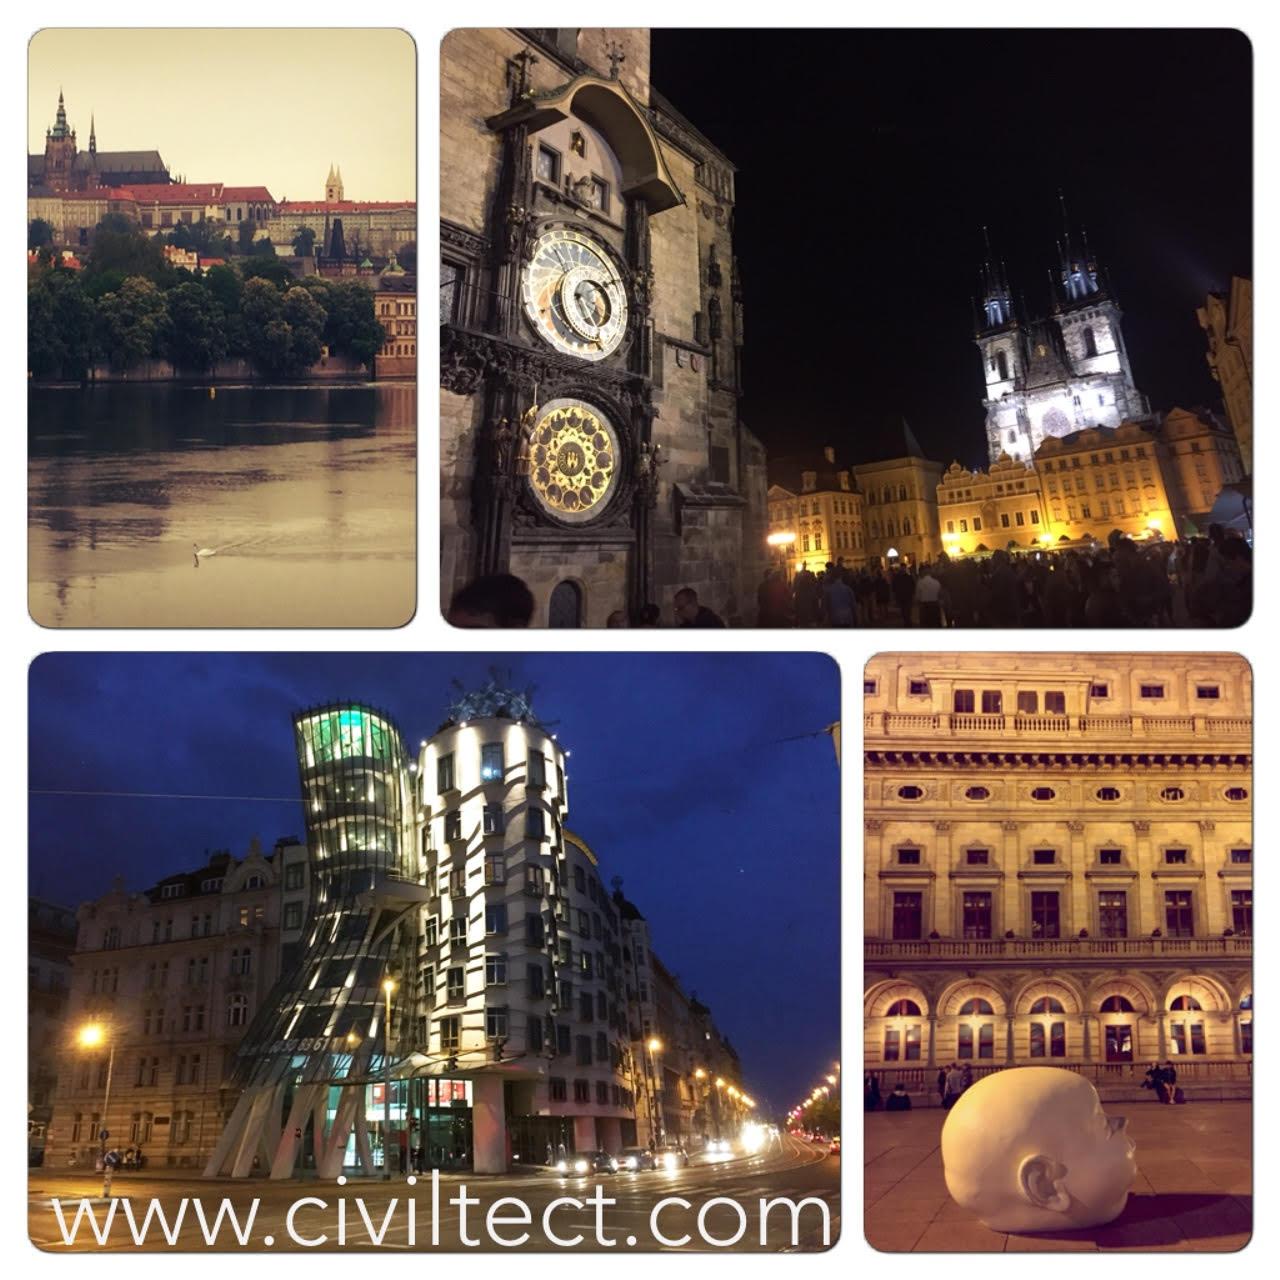 سفرنامه سیویلتکتی به پراگ – معماری گوتیک و ارواح! (بخش ۱)